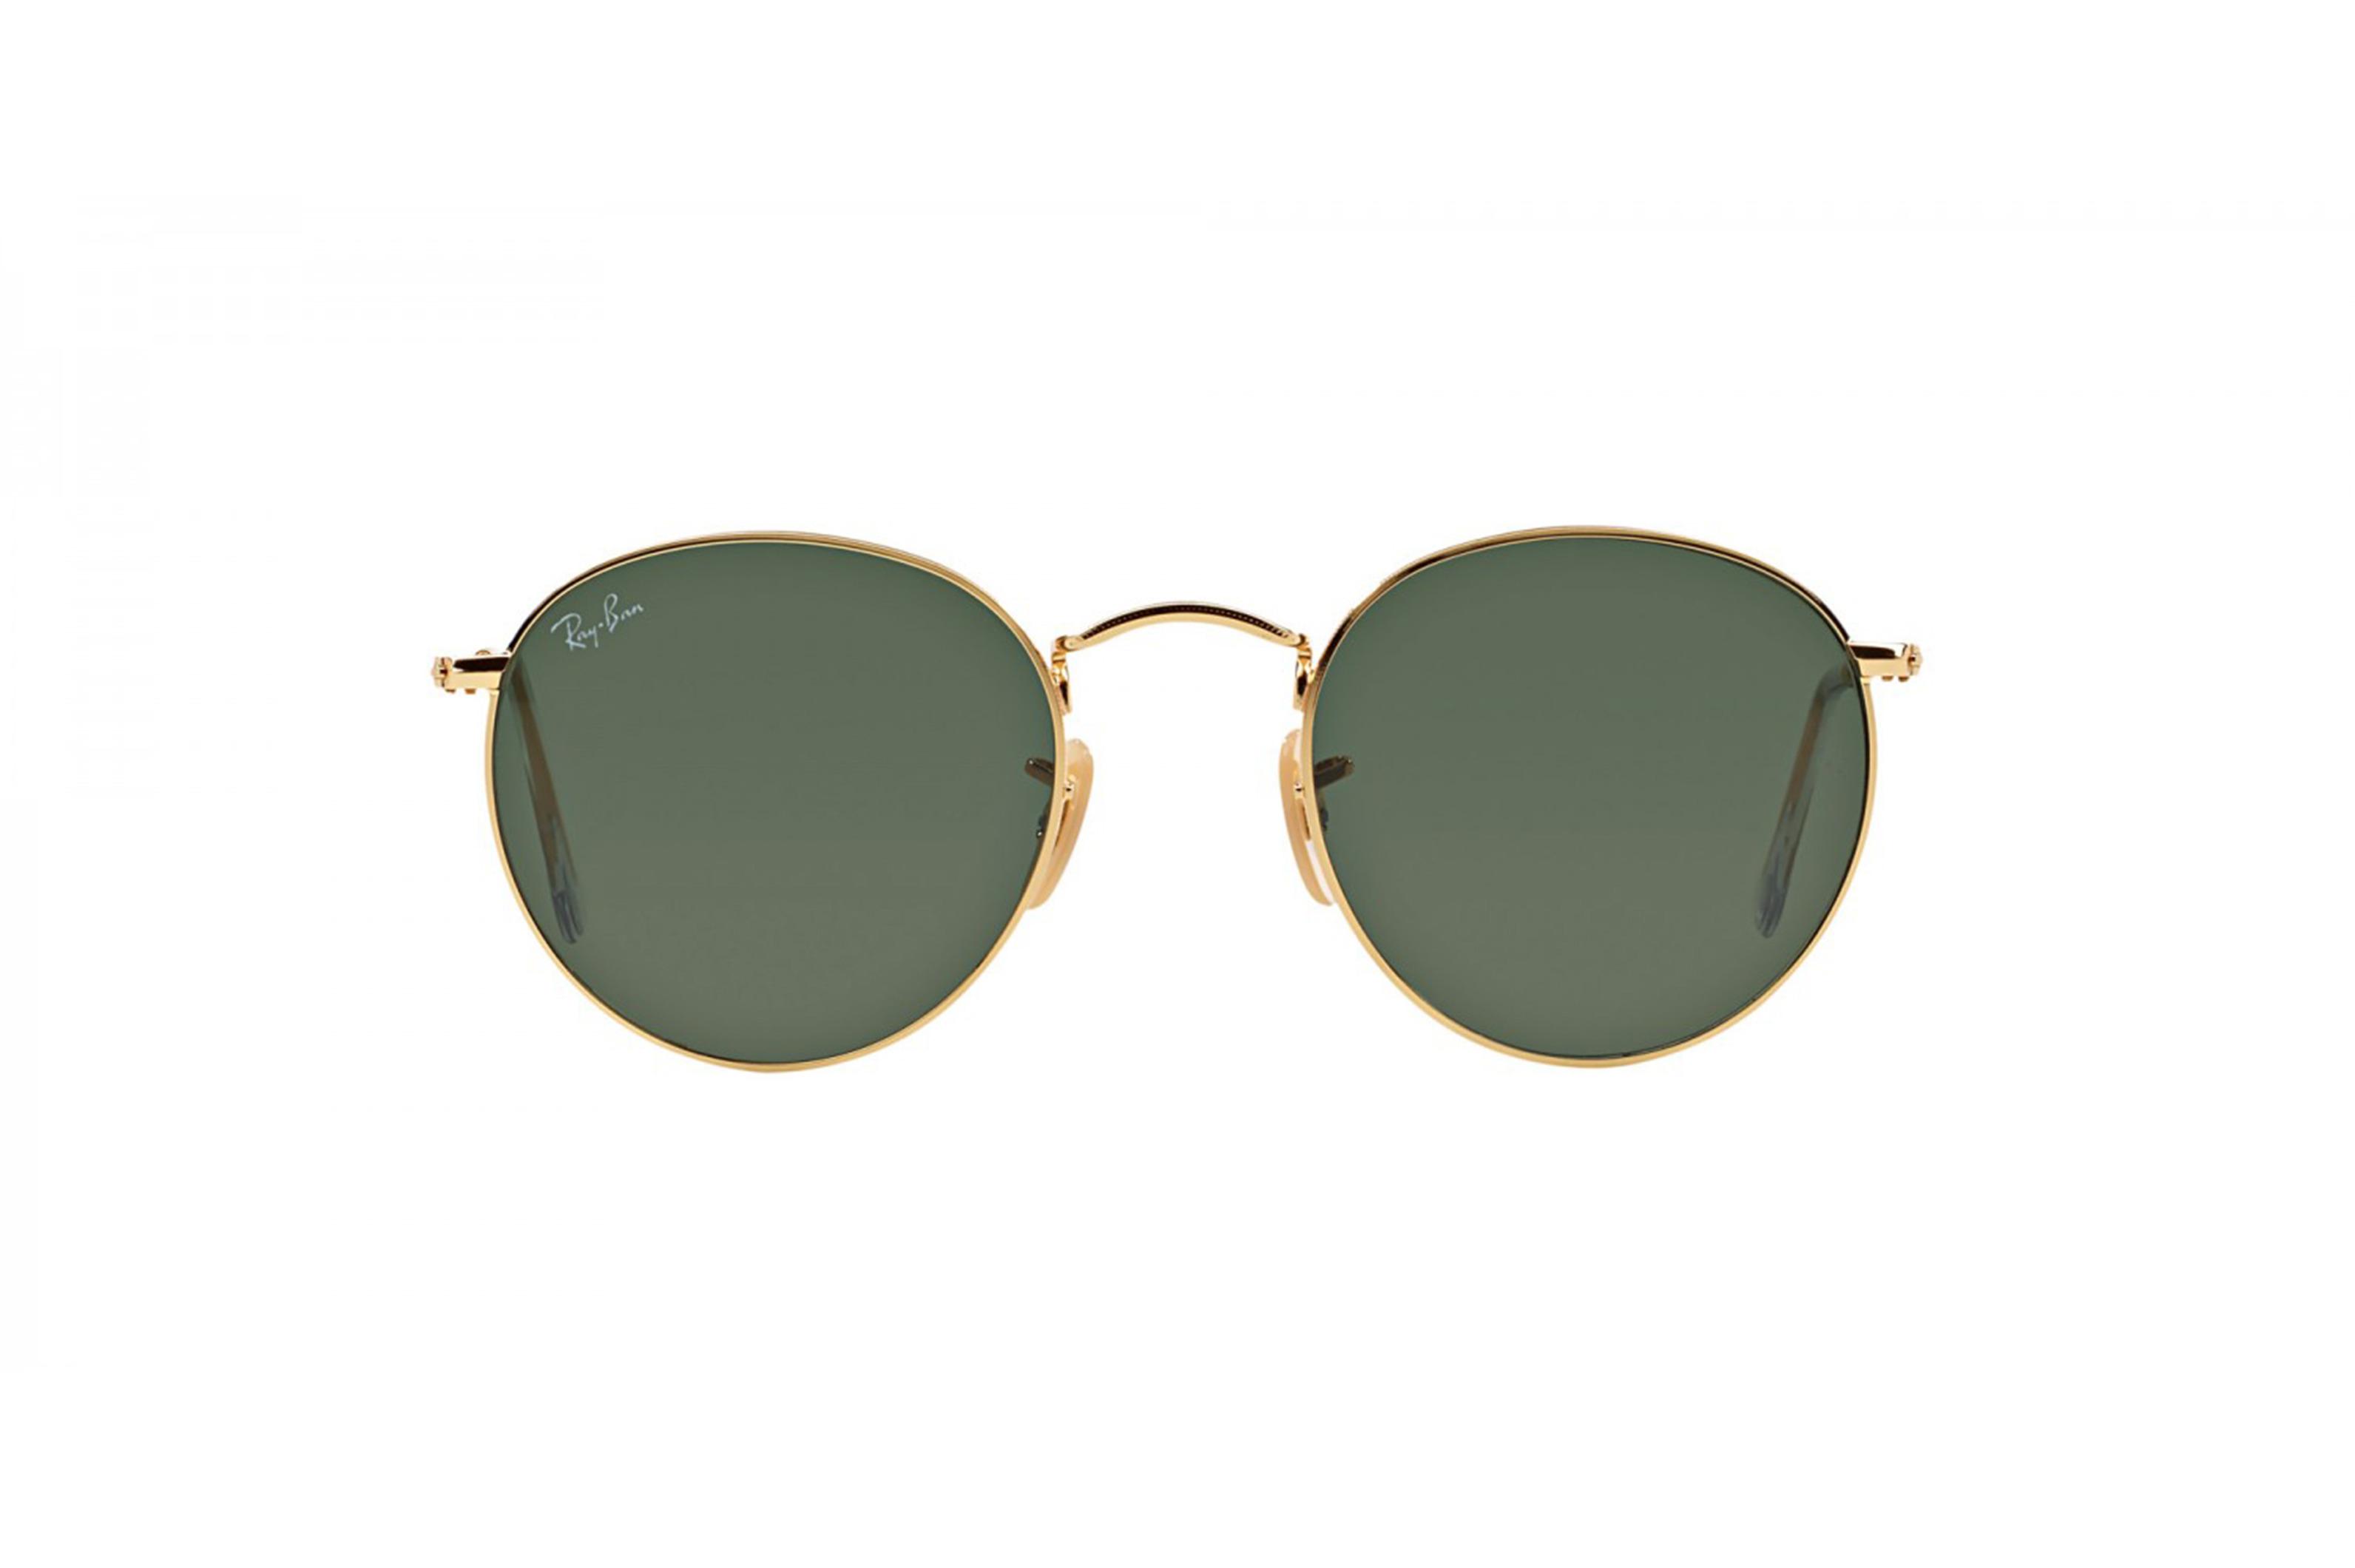 design senza tempo ab5ef 03904 RAY BAN Occhiali da sole colore oro, tondo, lente verde - Ottica ...